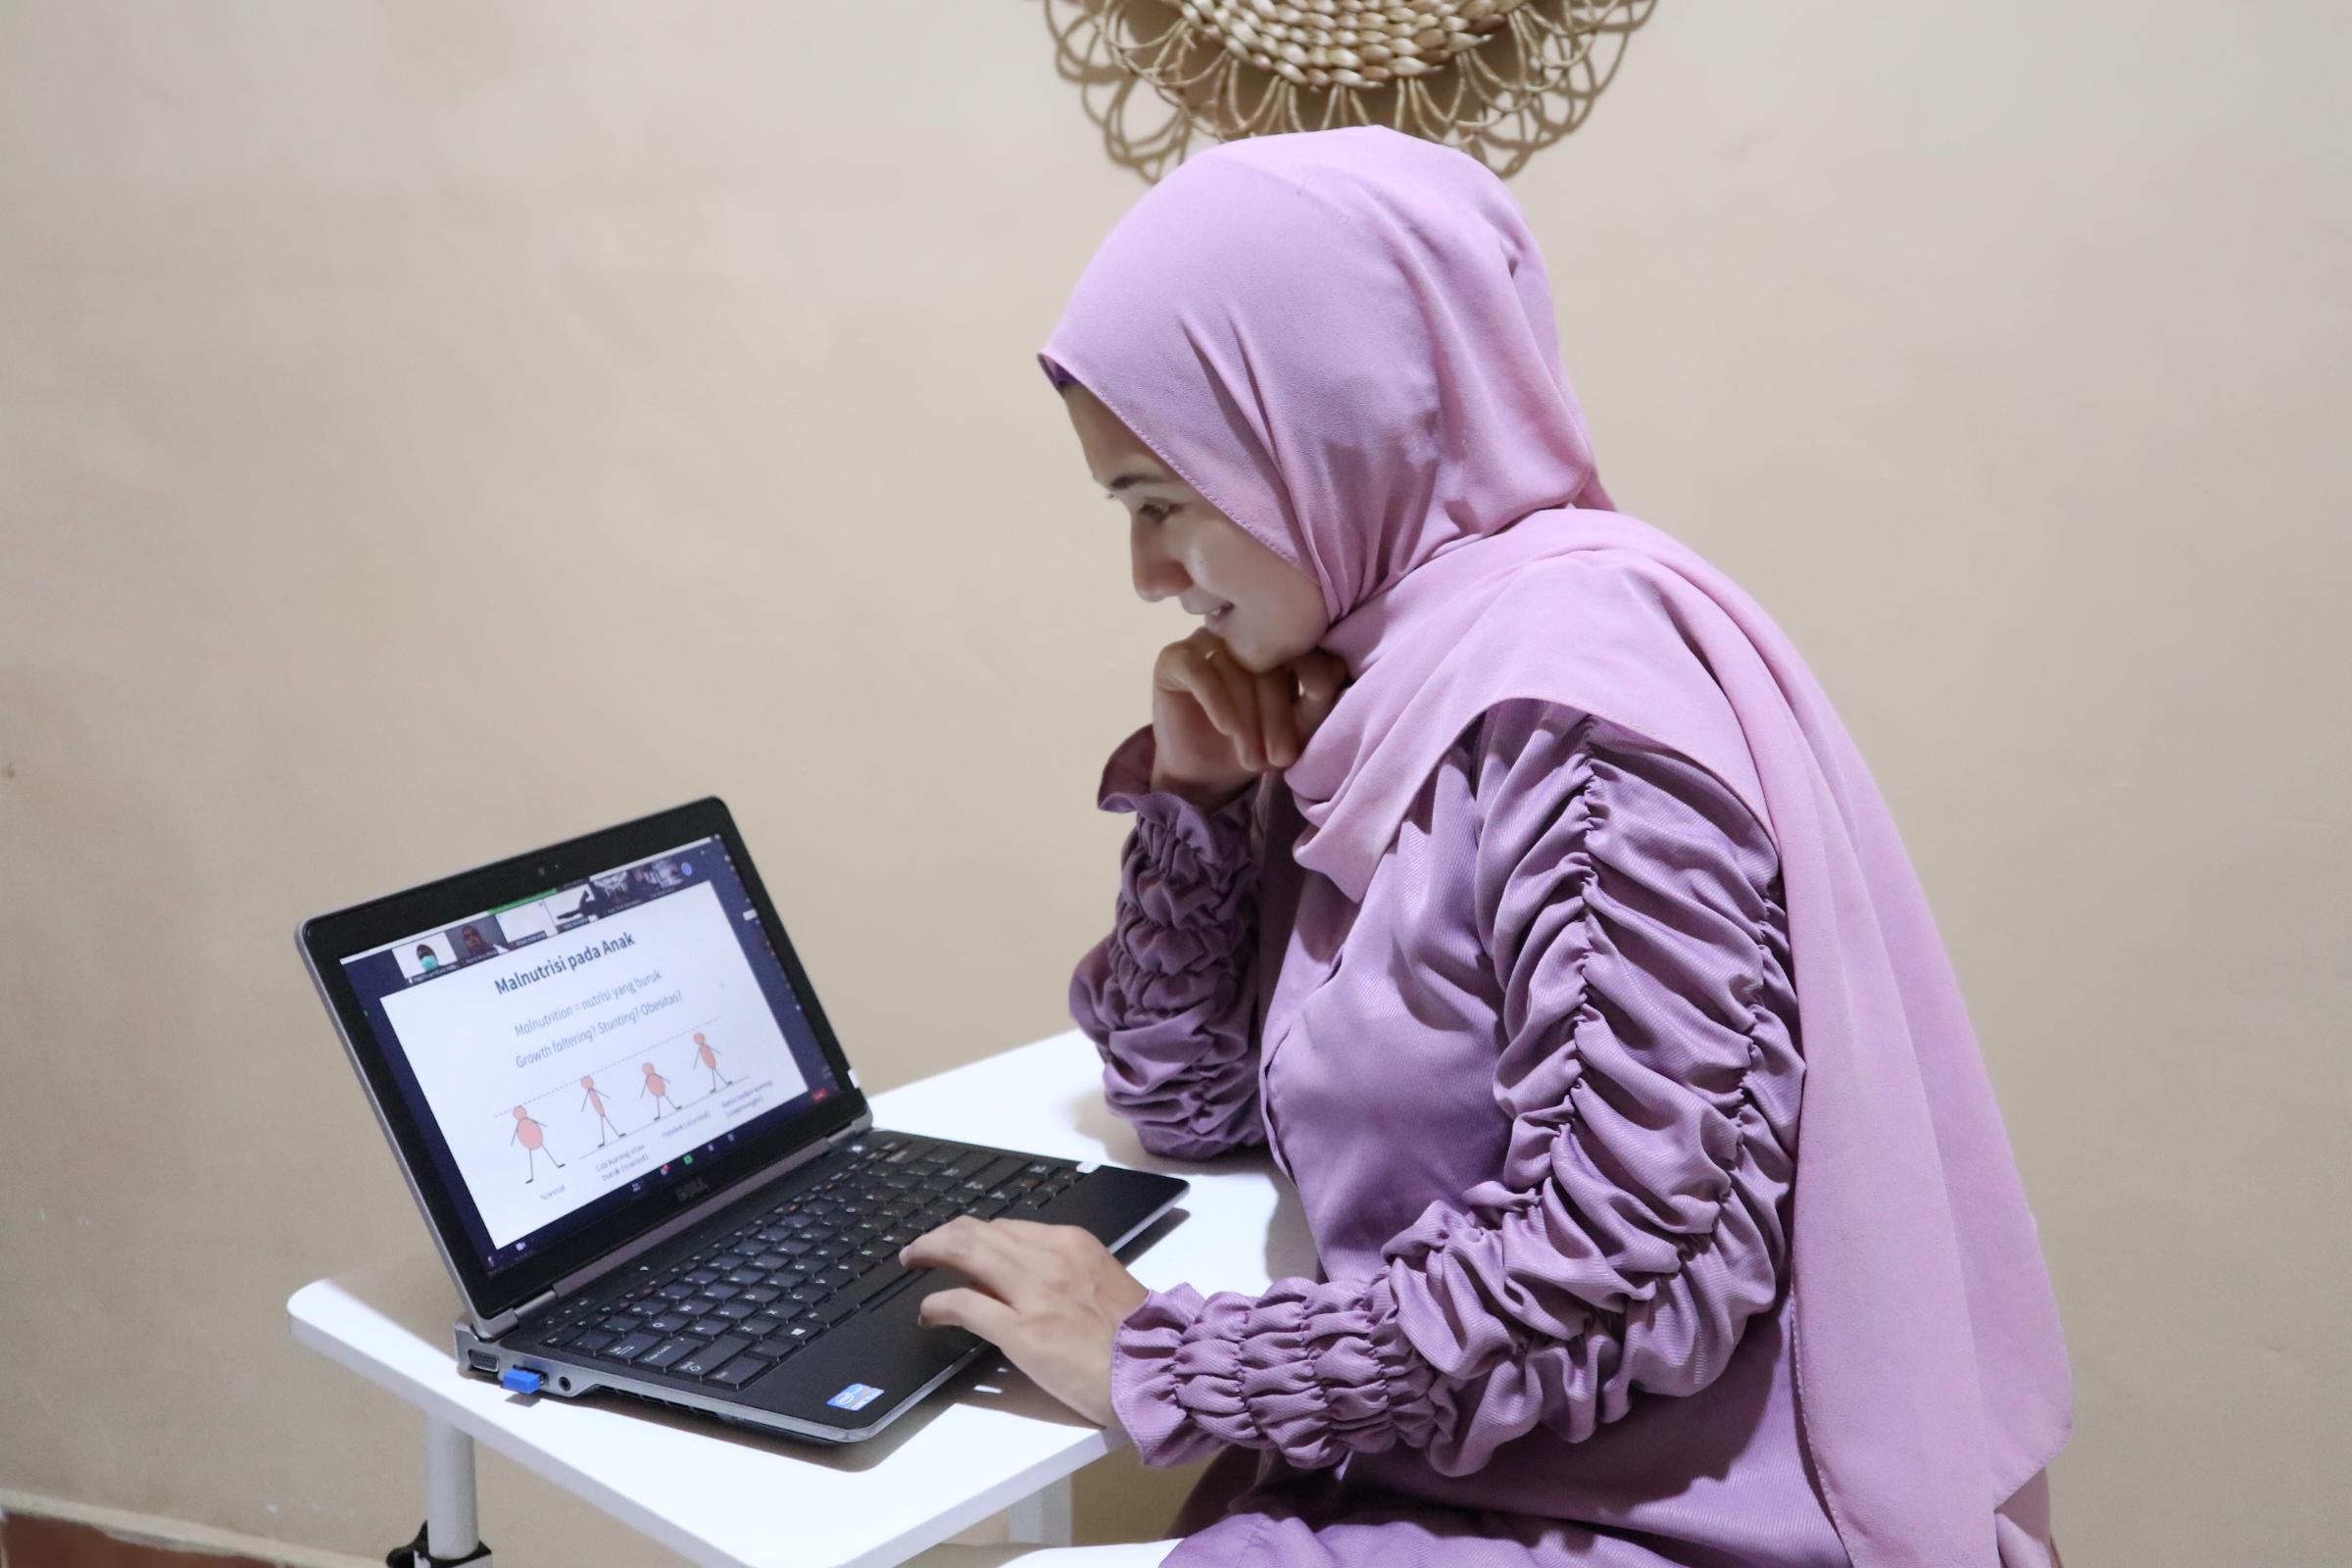 Abbott Luncurkan Inovasi PediaSure Terbaru Guna Mendukung Pertumbuhan Anak Indonesia Tetap Optimal